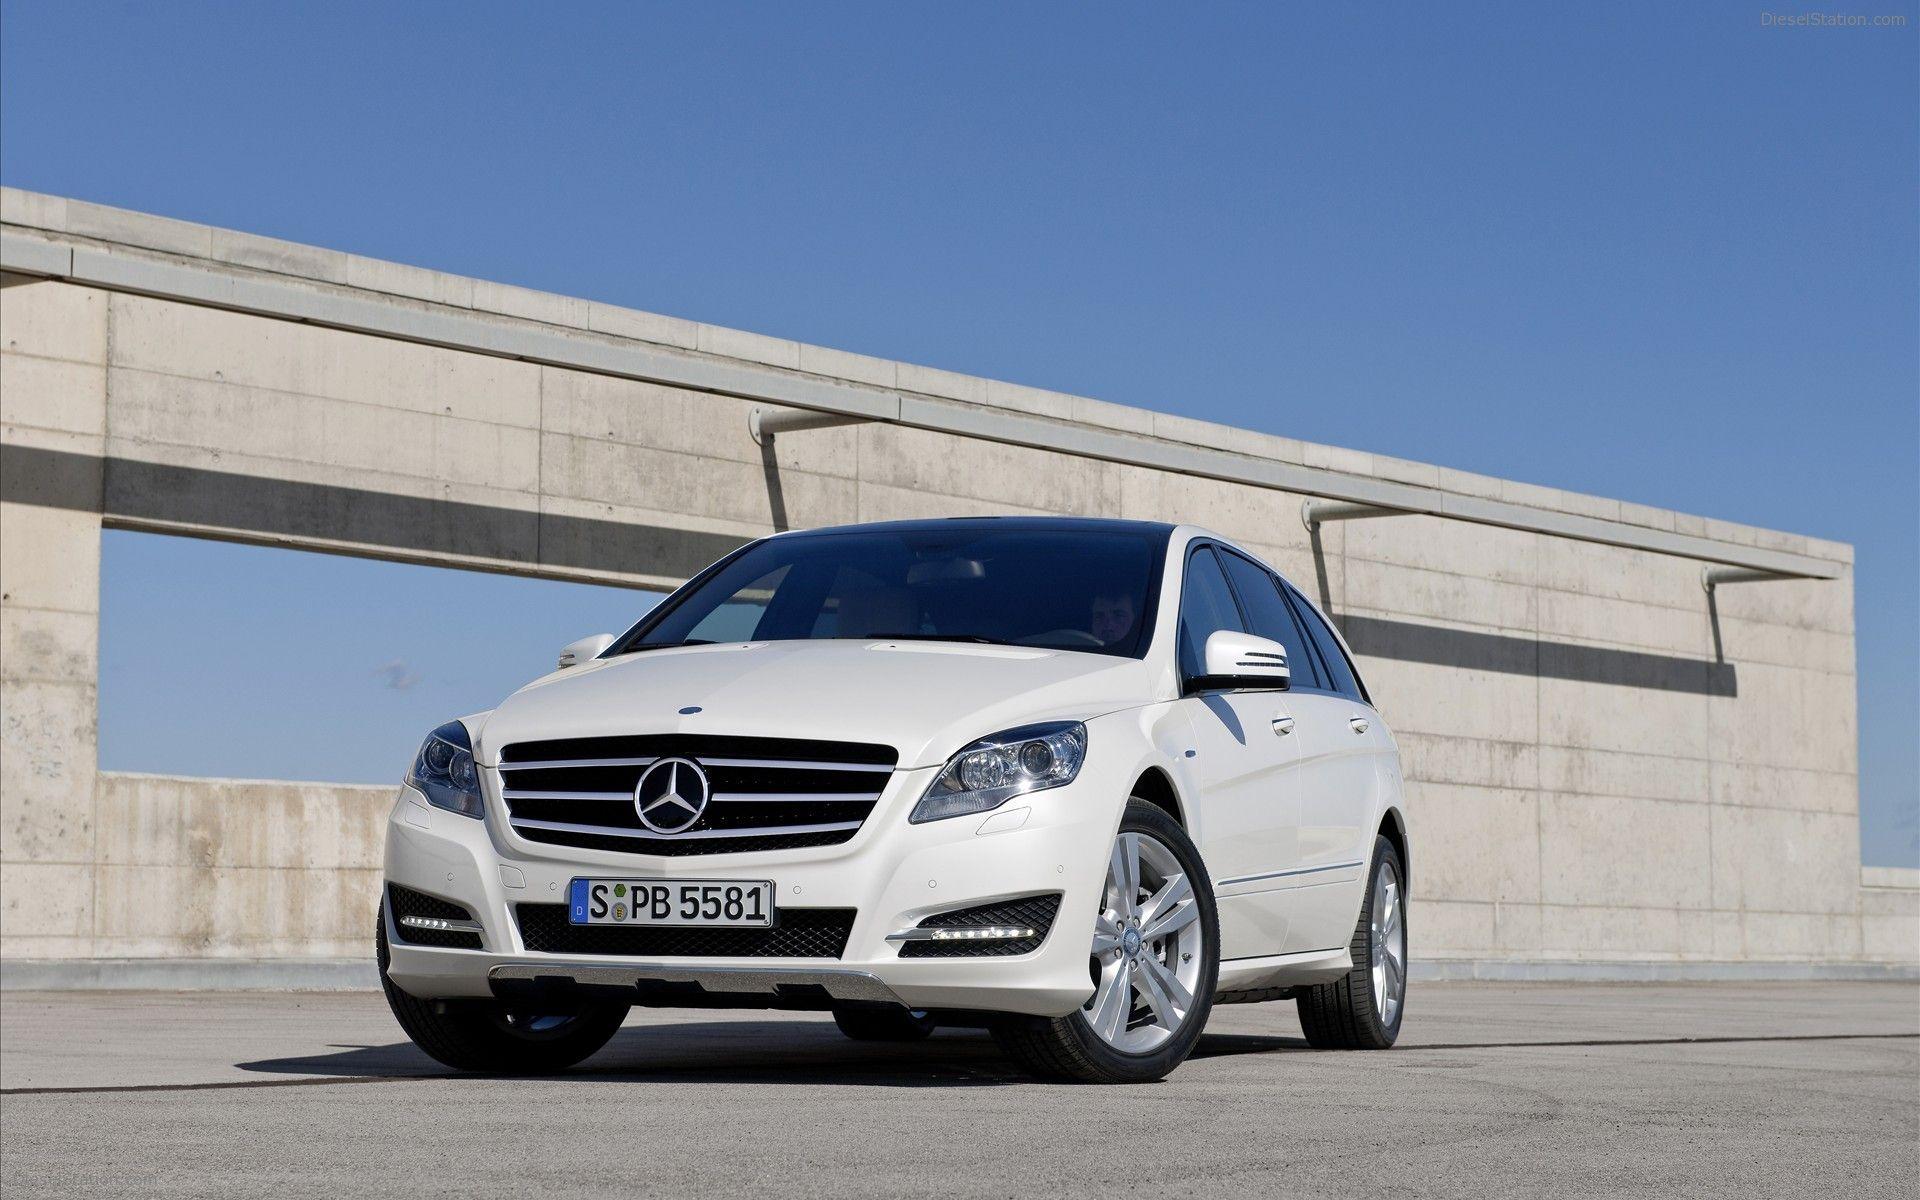 Mercedes benz r class fuel consumption combined 13 4 7